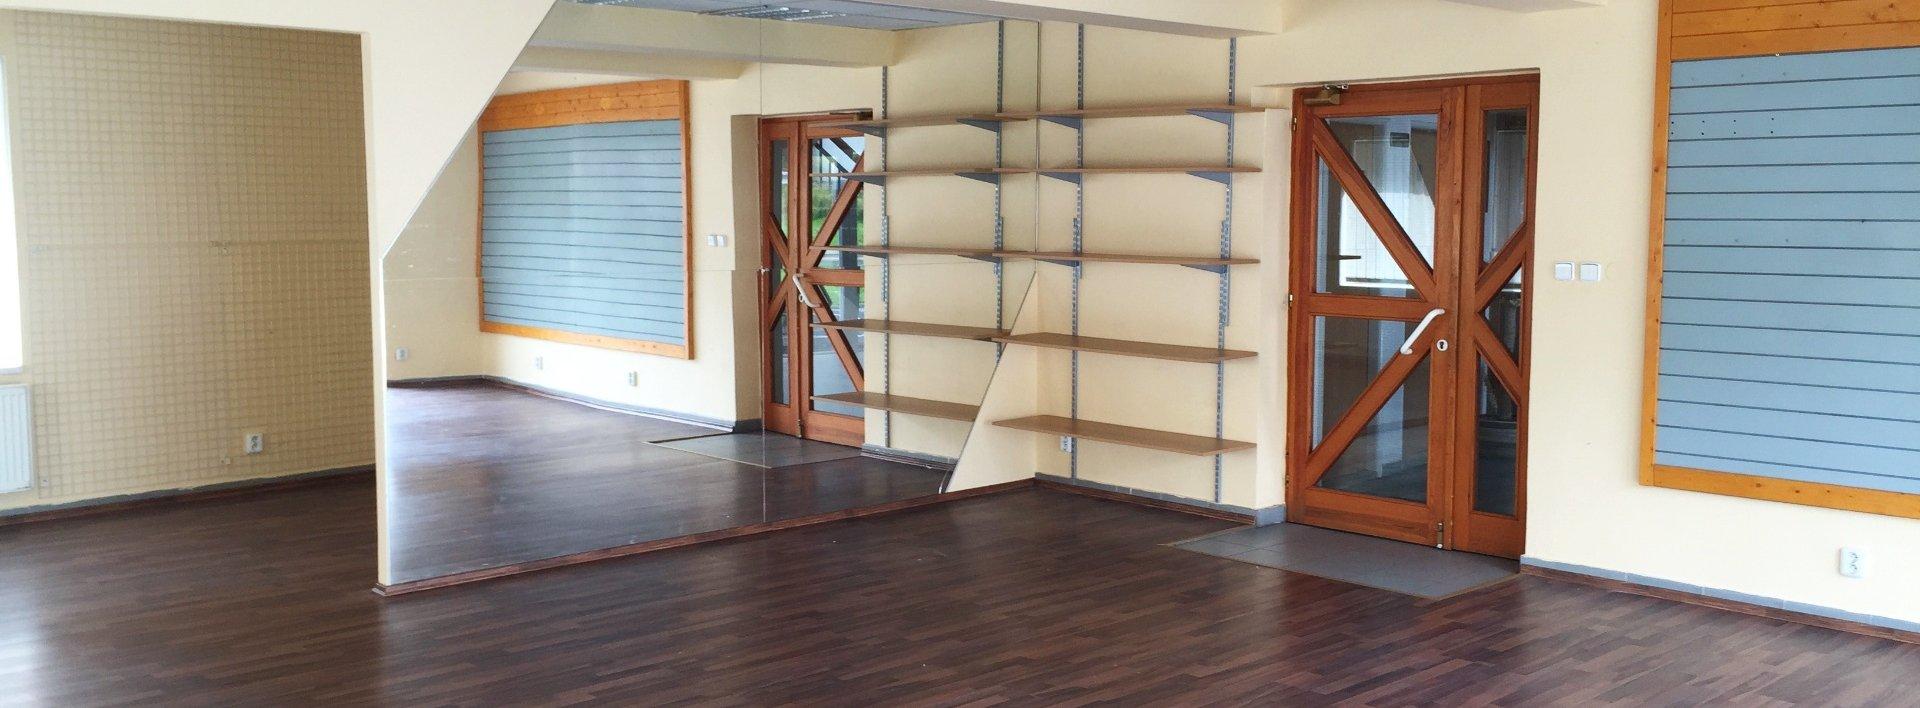 Pronájem jednotlivých kanceláří - Liberec X-Františkov, Ev.č.: N48731